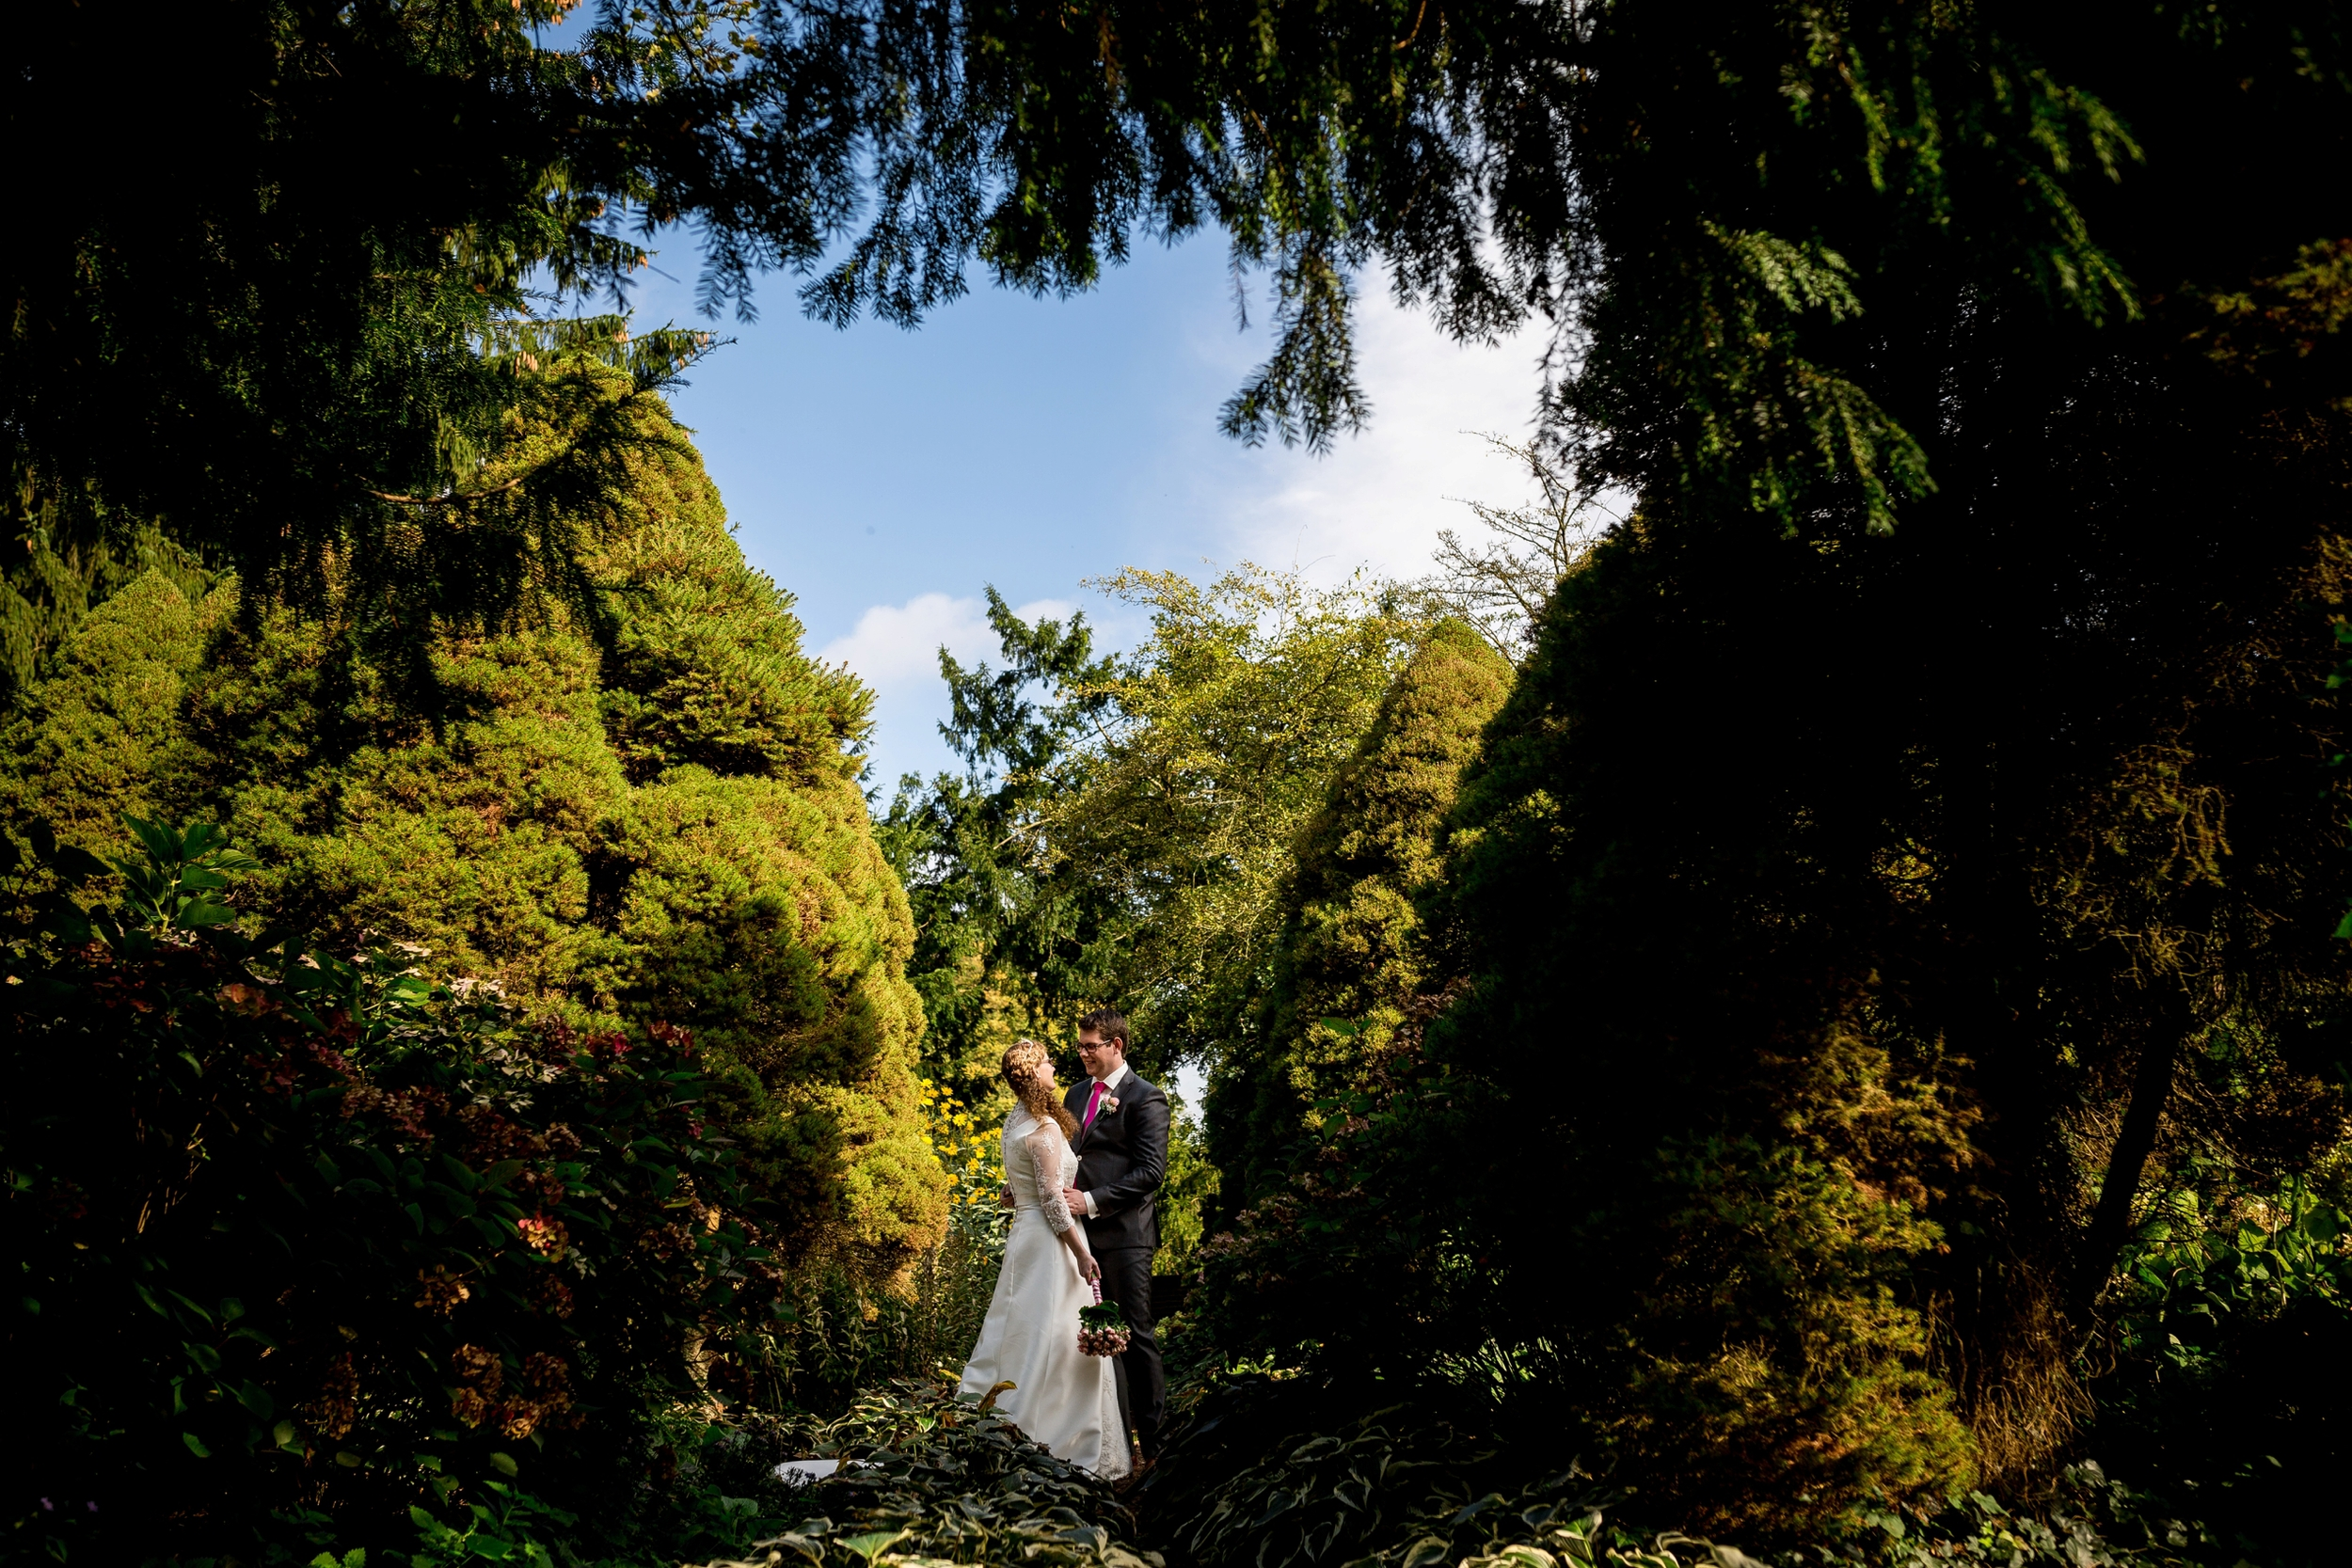 bruidsfotograaf-ede-utrecht-trouwfotograaf-trouwen-bruiloft_0250.jpg